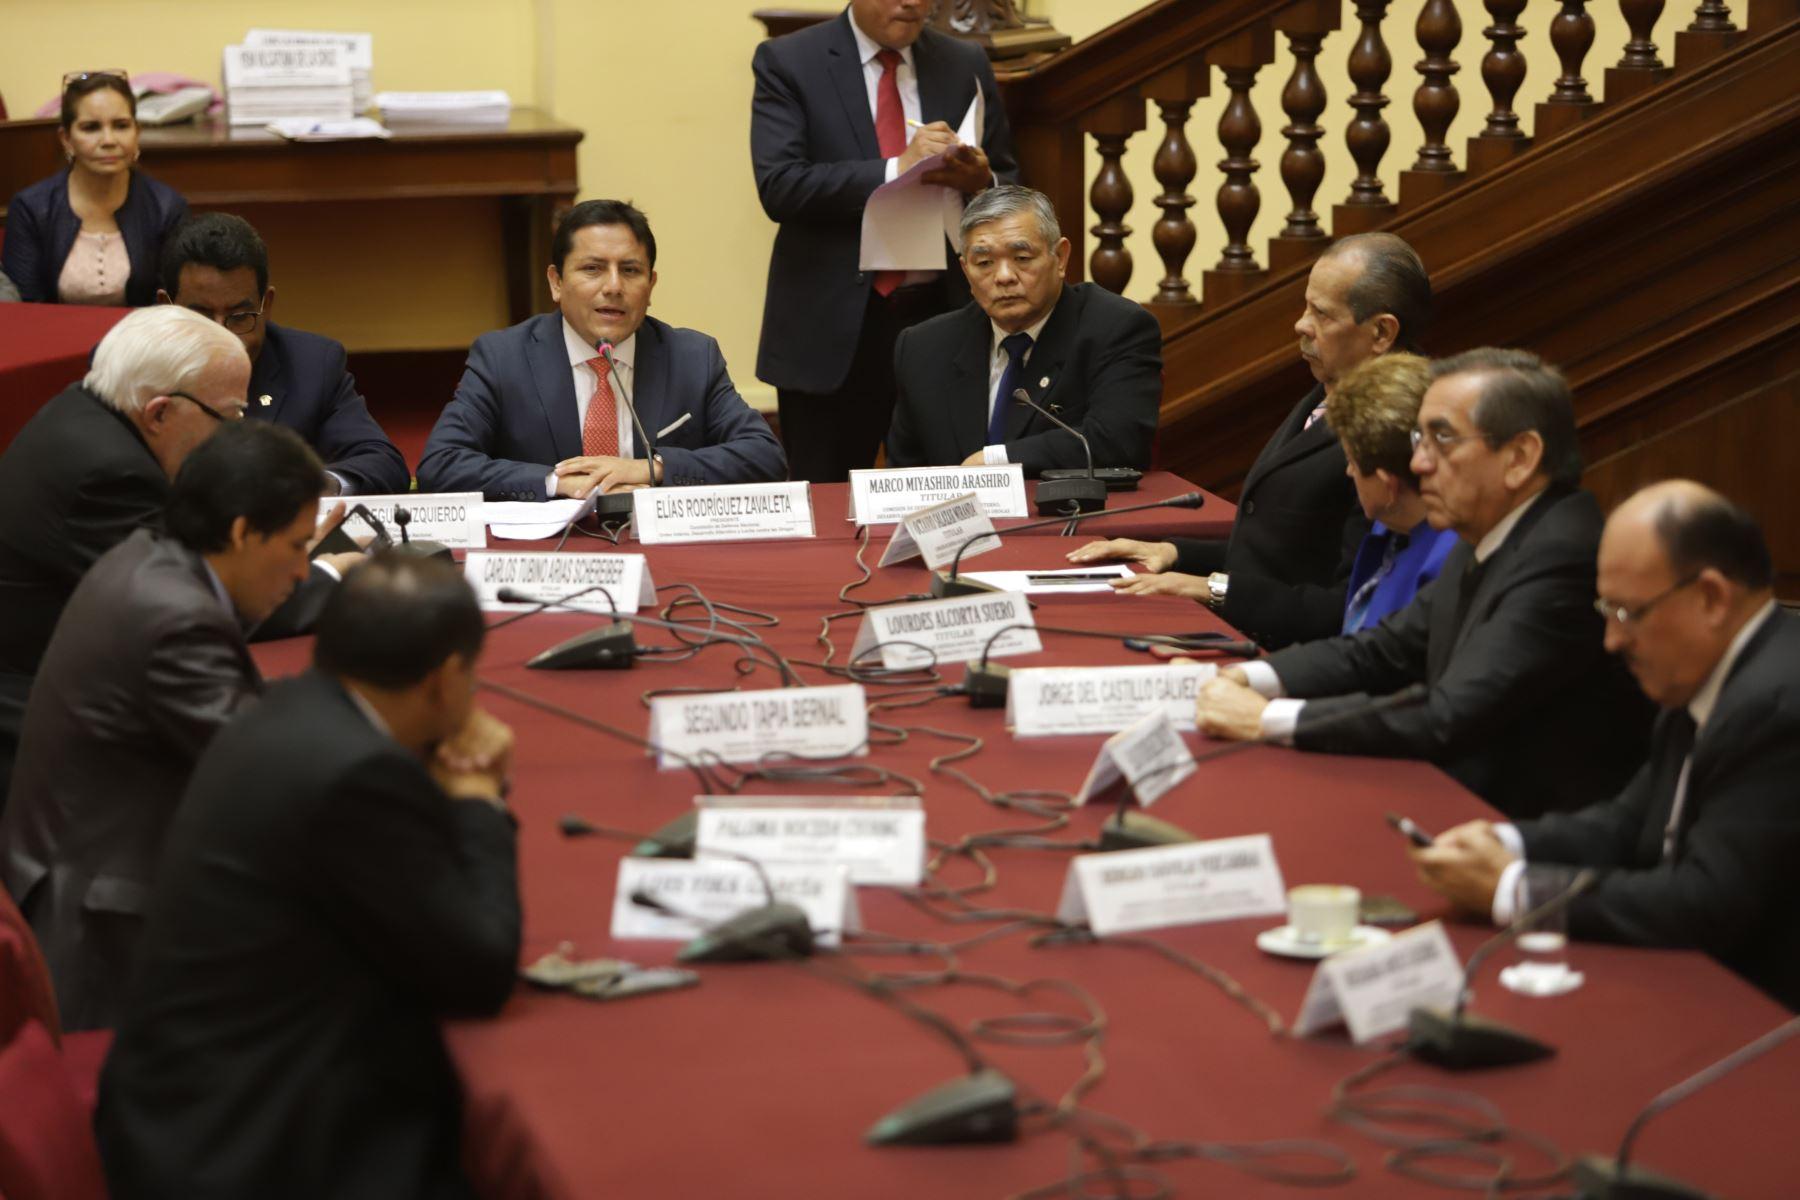 Instalación de la Comisión Defensa Nacional cuya presidencia recae en el  congresista Elias Rodriguez Zavaleta. Foto: ANDINA/Jorge Tello